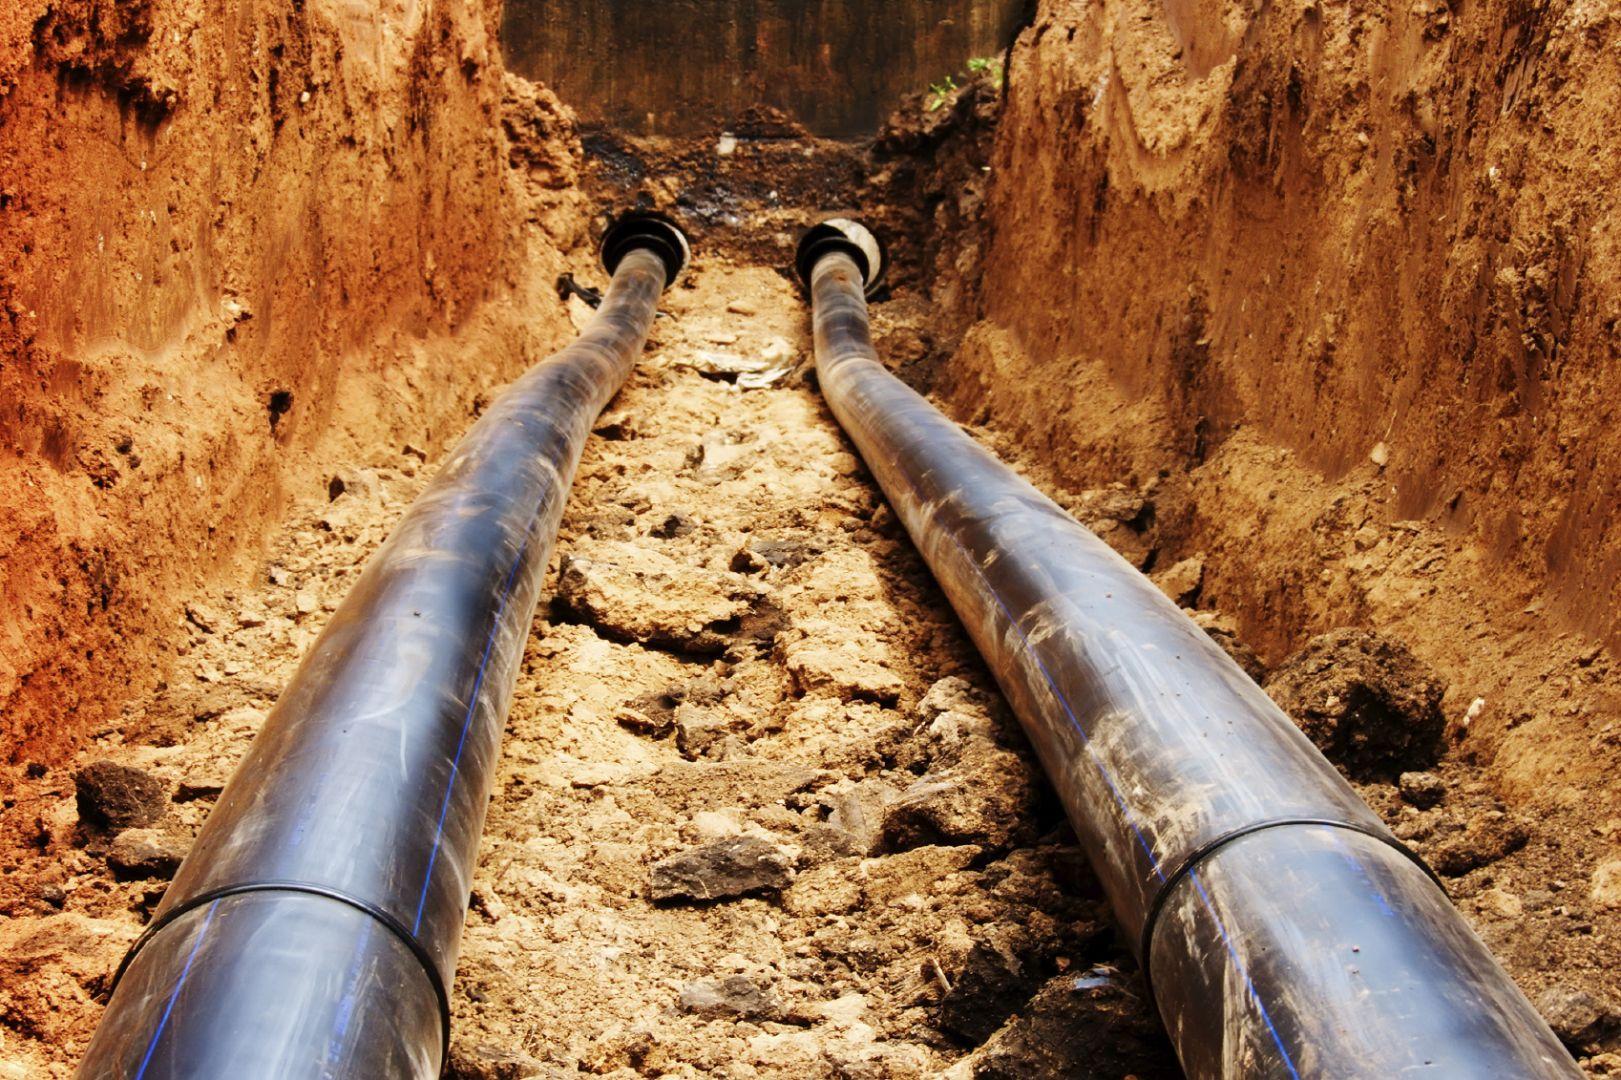 первый картинки по монтажу газопроводов является только столицей